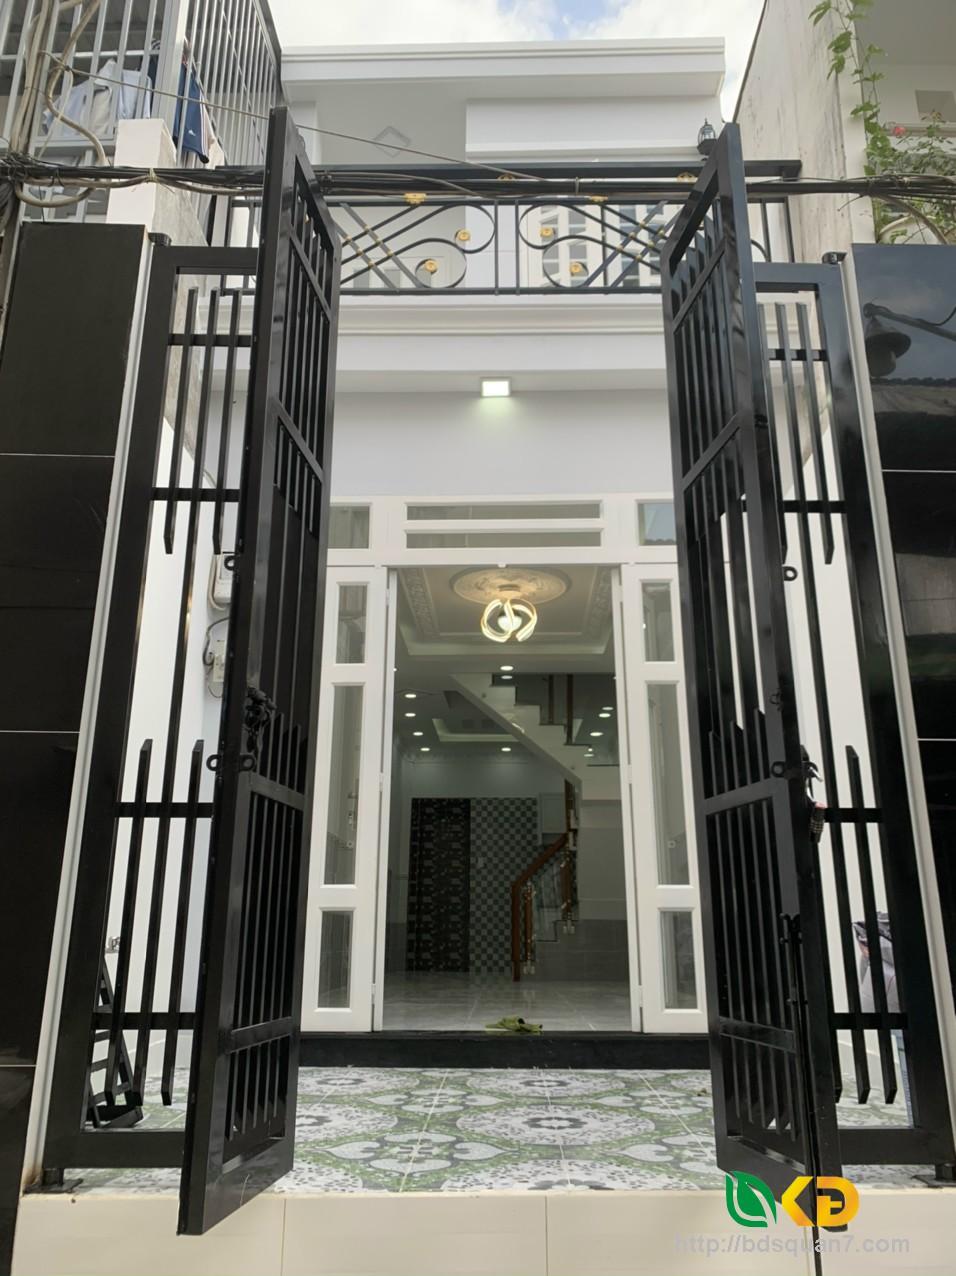 Bán nhà mới 100% hẻm xe hơi 6m 1942 đường Huỳnh Tấn Phát KP6 Huyện Nhà Bè